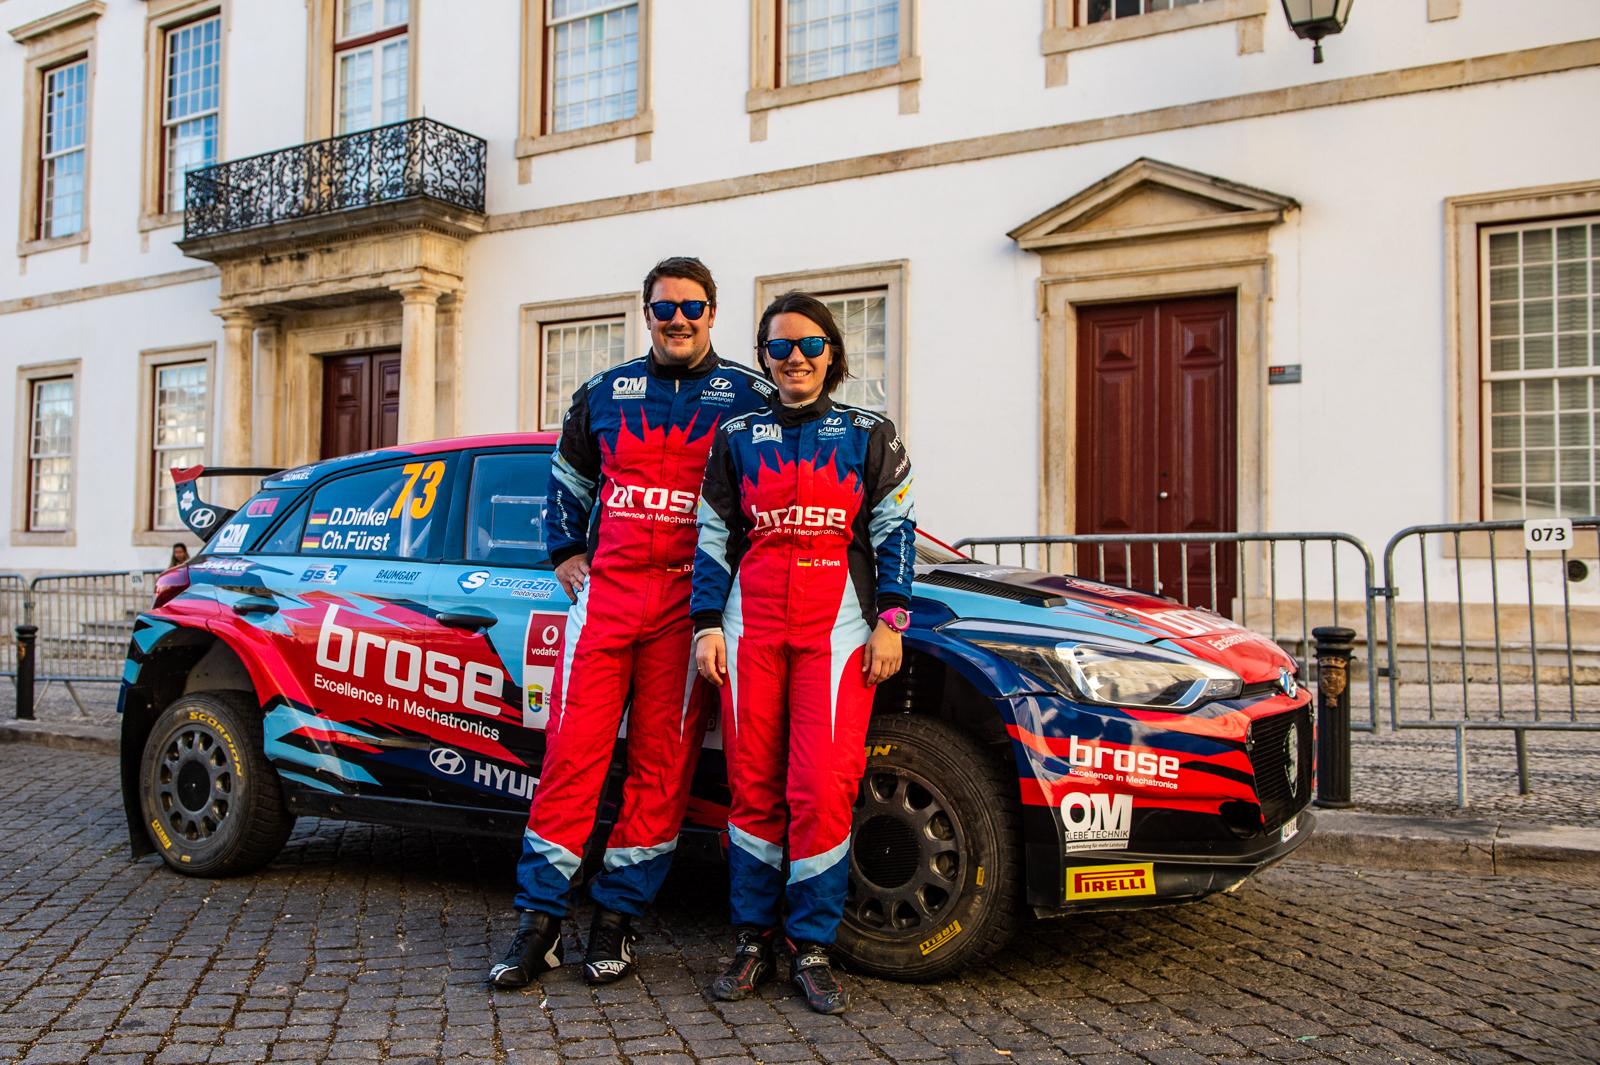 Dominik Dinkel (l.) und Christina Fürst (r.) mit ihrem Hyundai i20 R5 (Foto: Dominik Dinkel